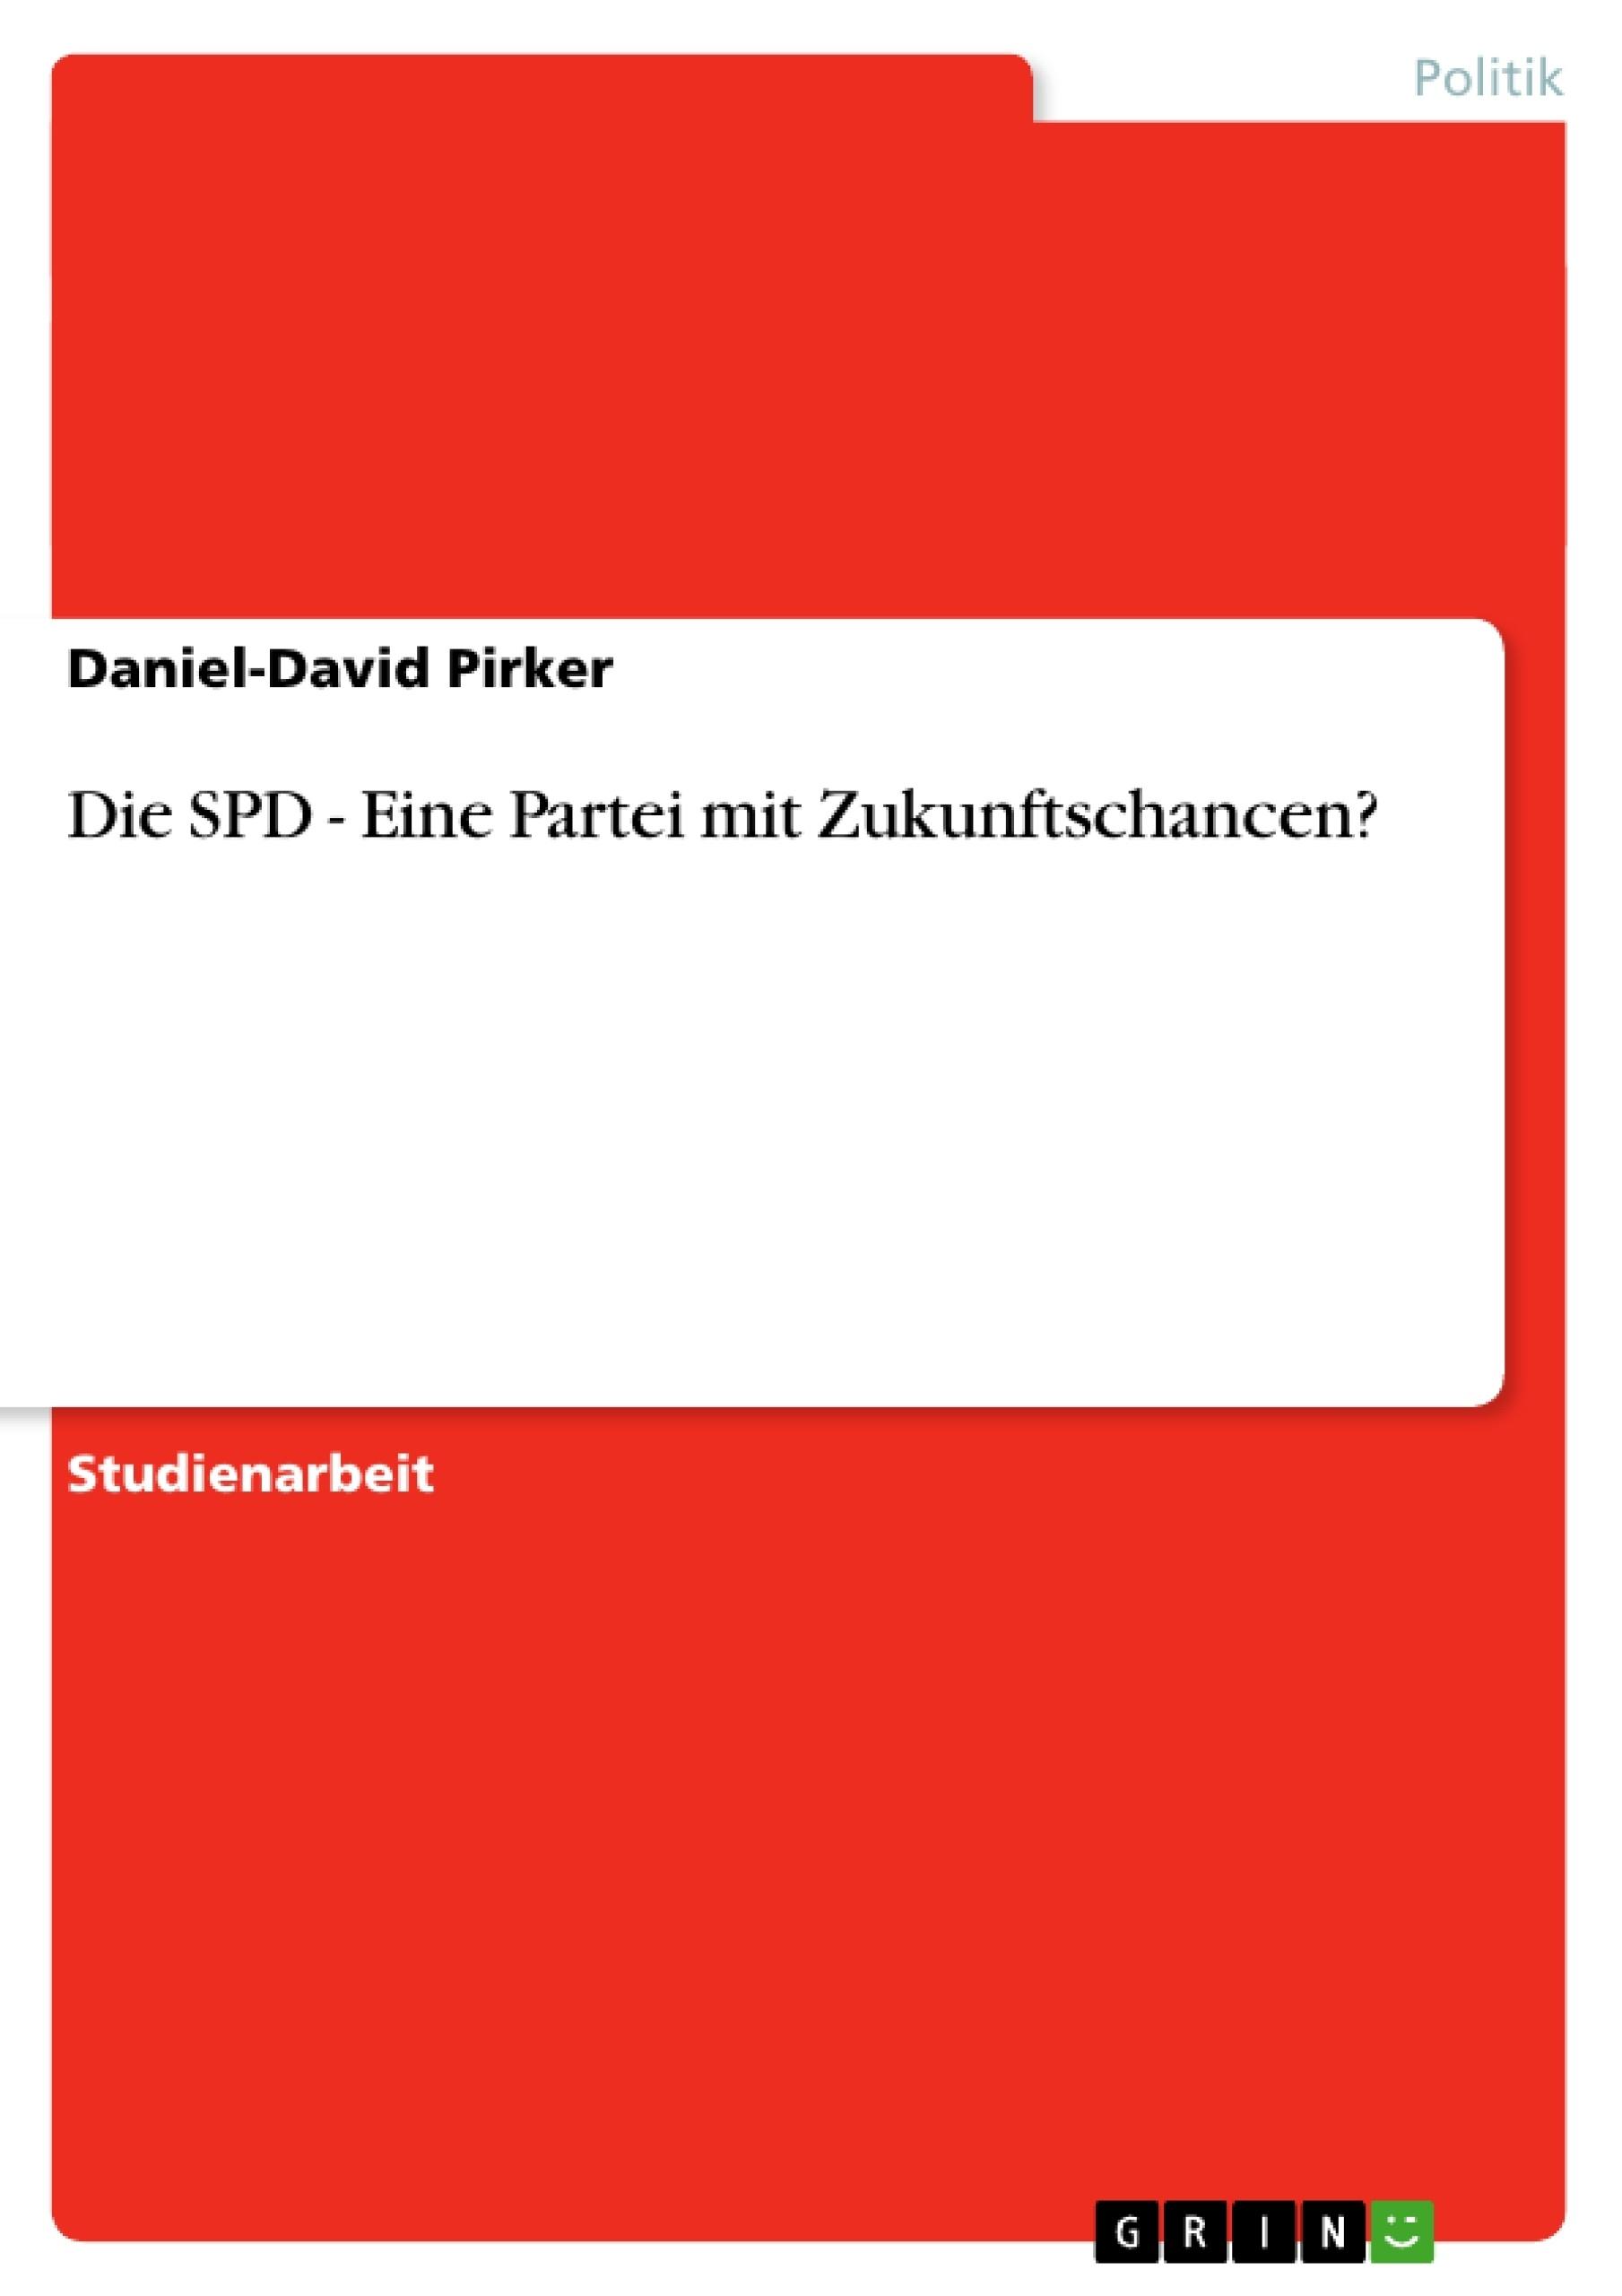 Titel: Die SPD - Eine Partei mit Zukunftschancen?